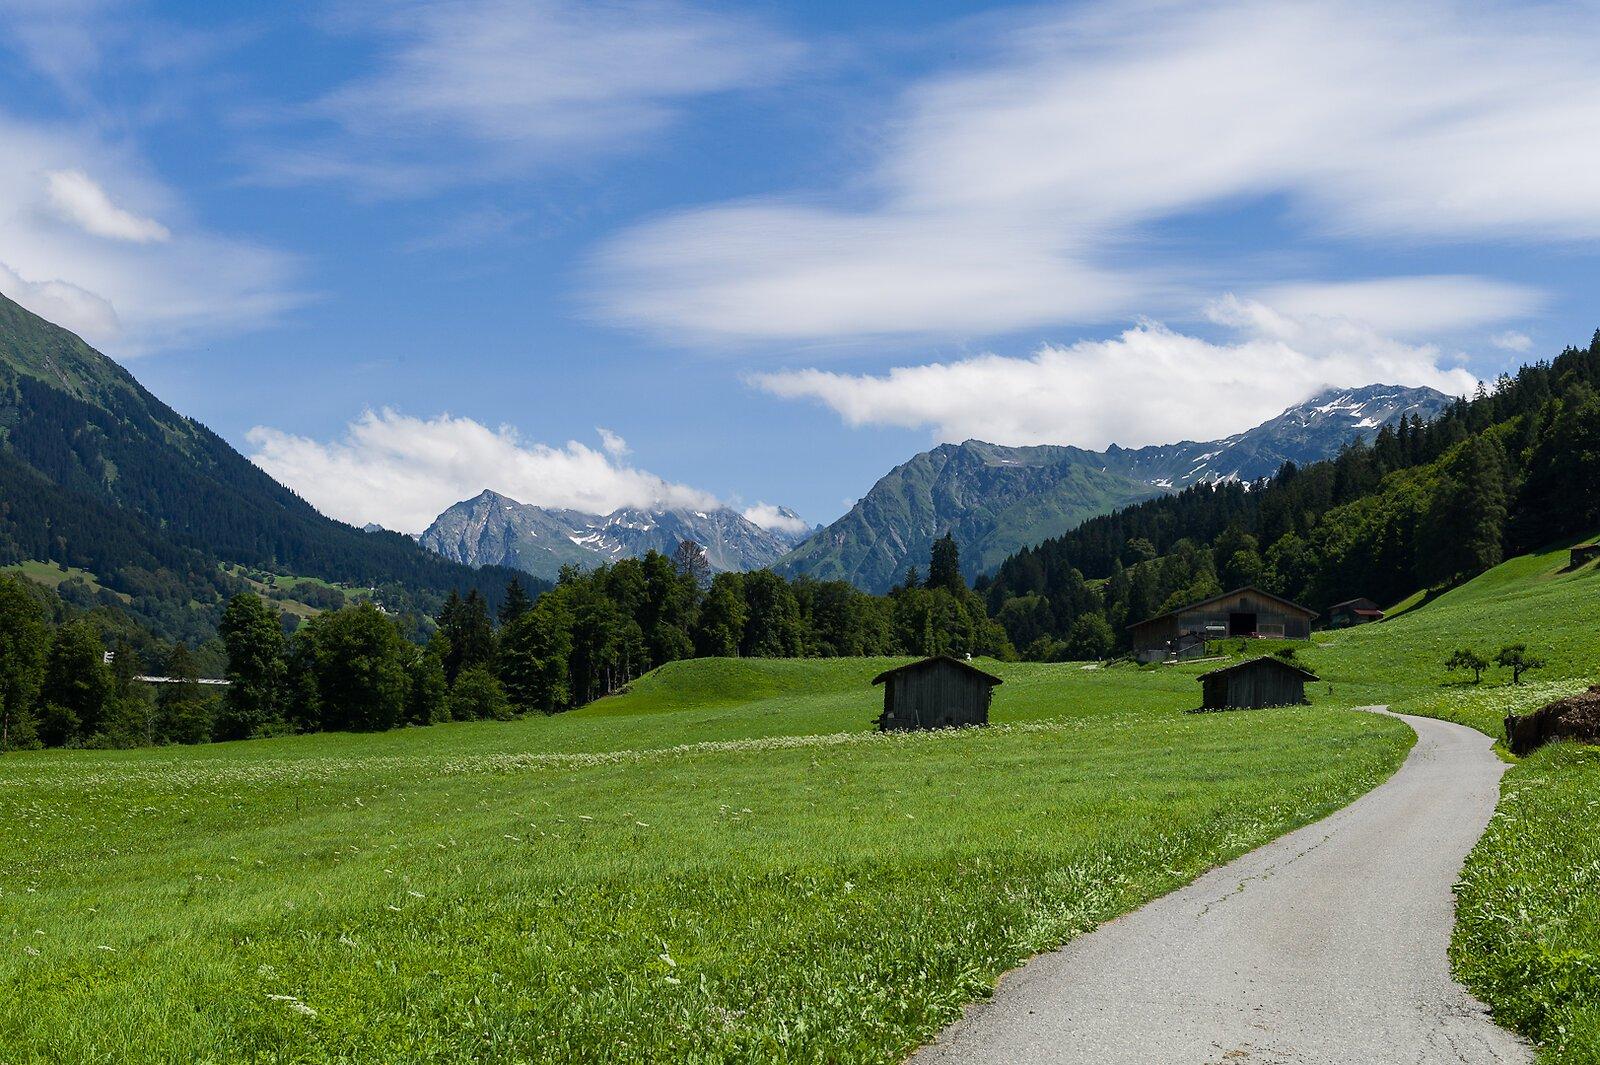 2012-Klosters_2012-07-12_14-12-12_00533.jpg